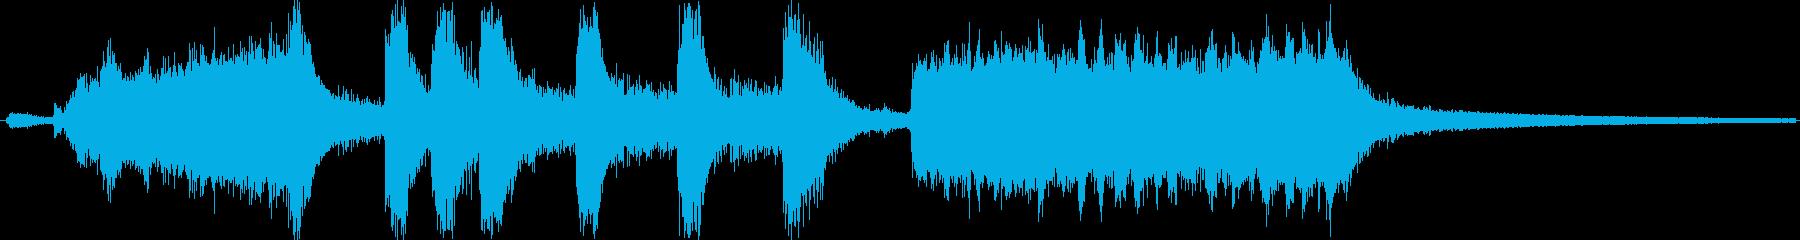 交響曲のラスト風、派手なジングルの再生済みの波形